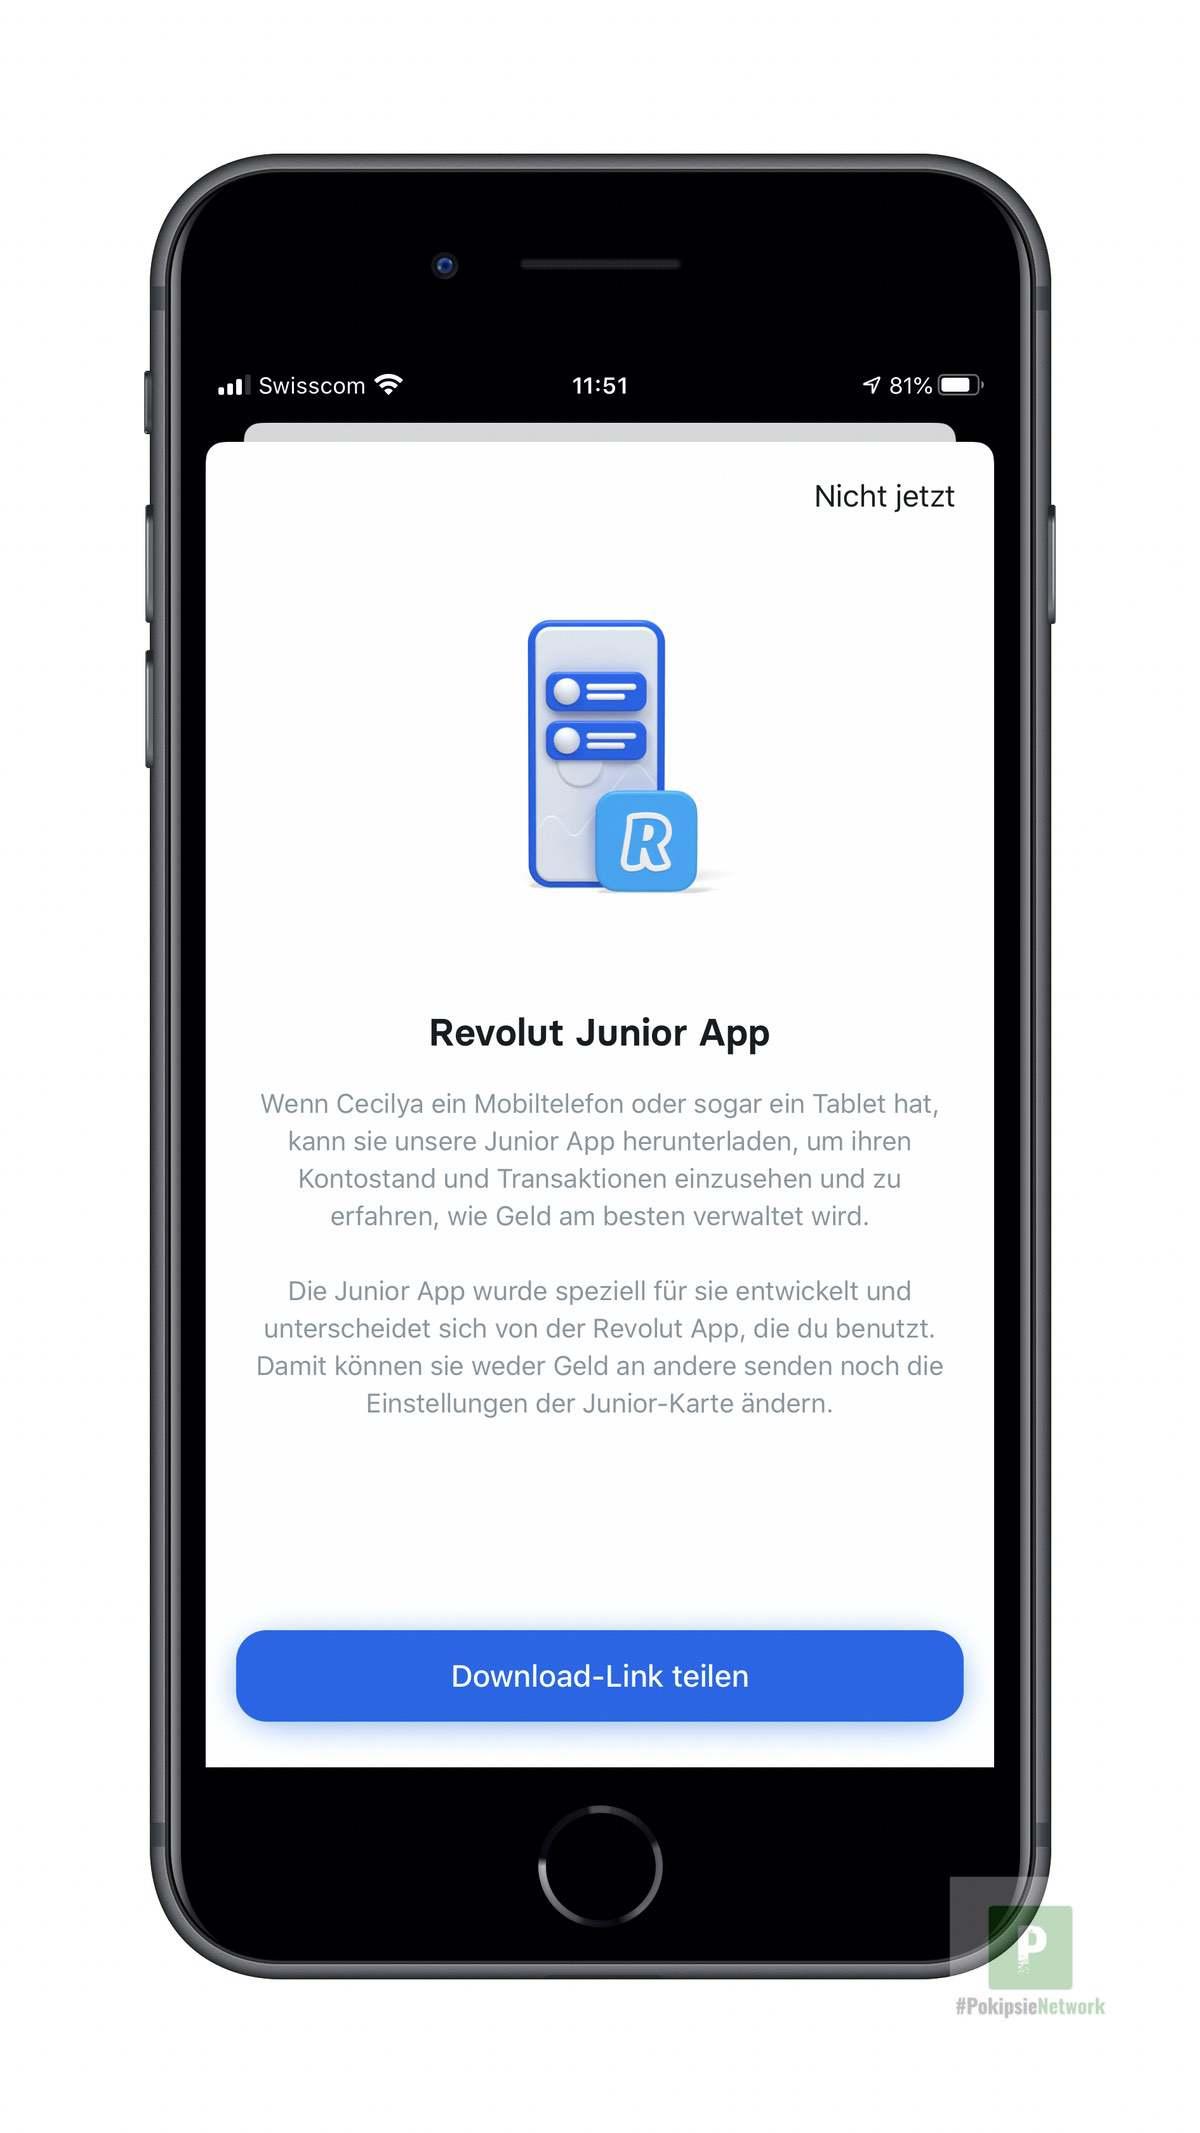 Die Junior App